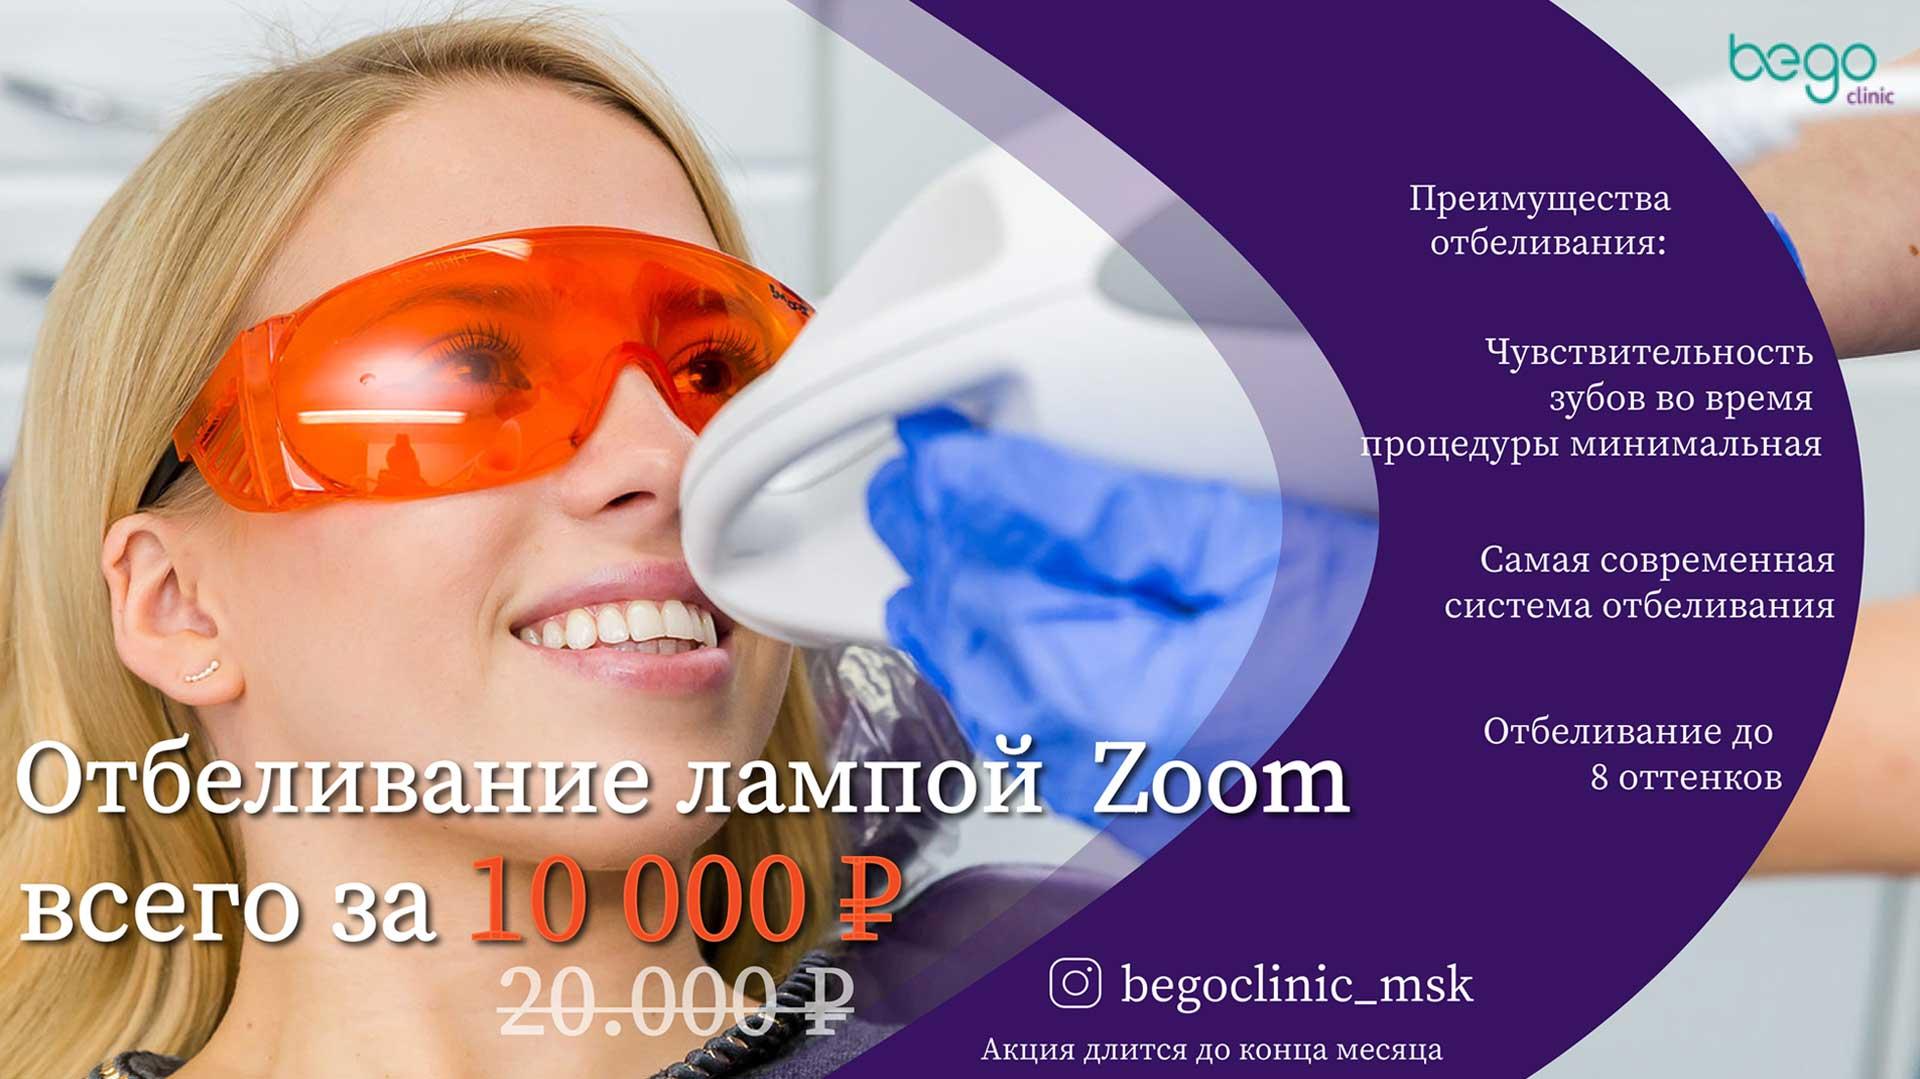 Отбеливание лампой Zoom за 10000 рублей